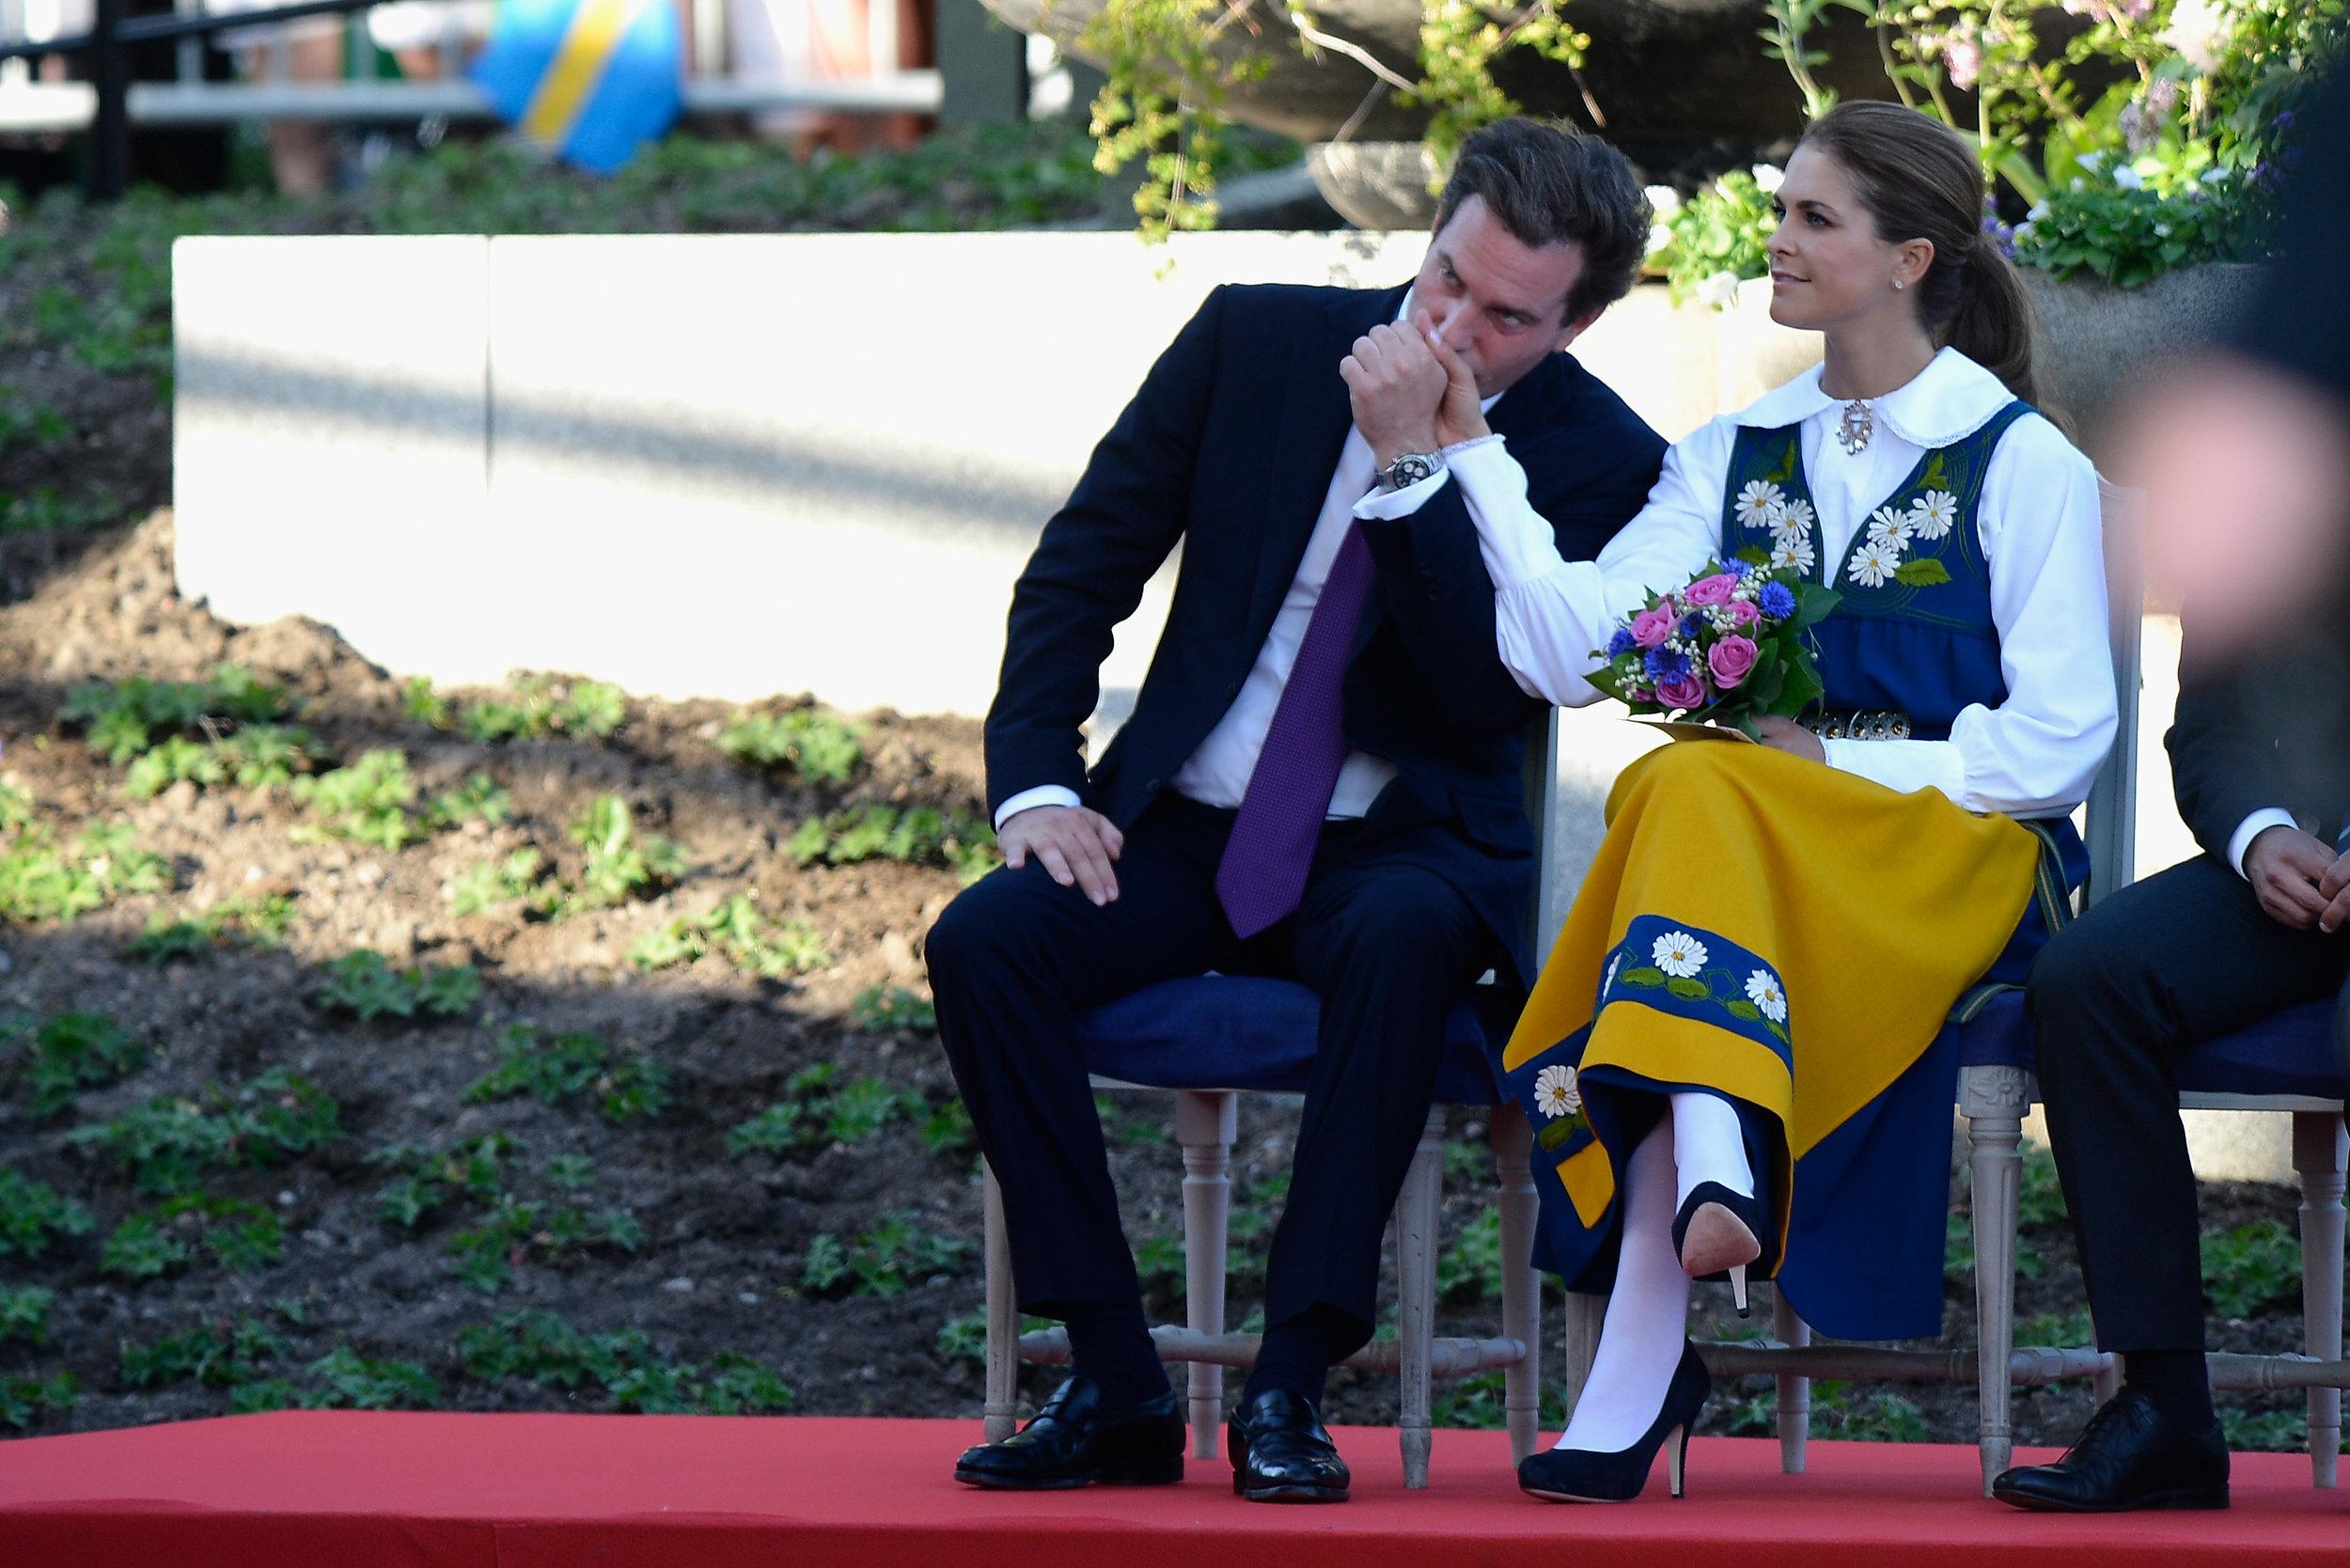 Bei einem öffentlichen Auftritt küsst der Geschäftsmann liebevoll die Hand seiner Frau    Foto: Getty Images